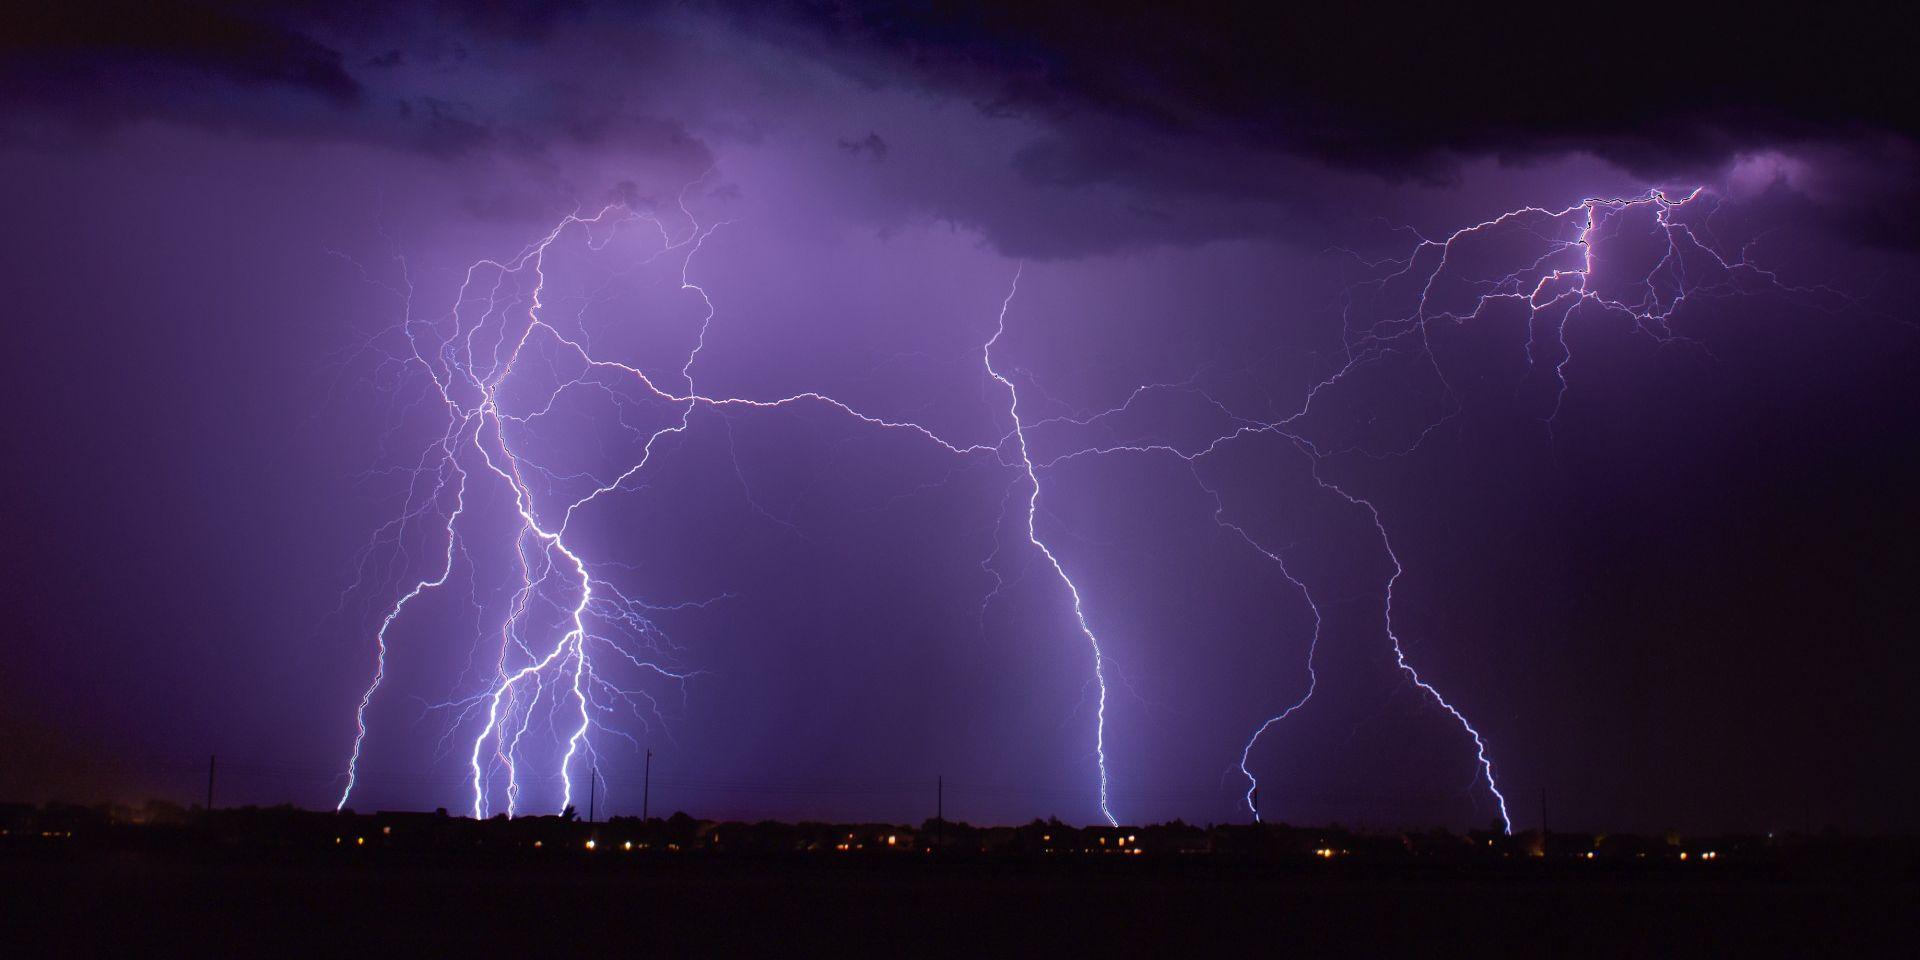 Bliksem is een voorbeeld van statische elektriciteit die vrij komt door ionisatie van de lucht.